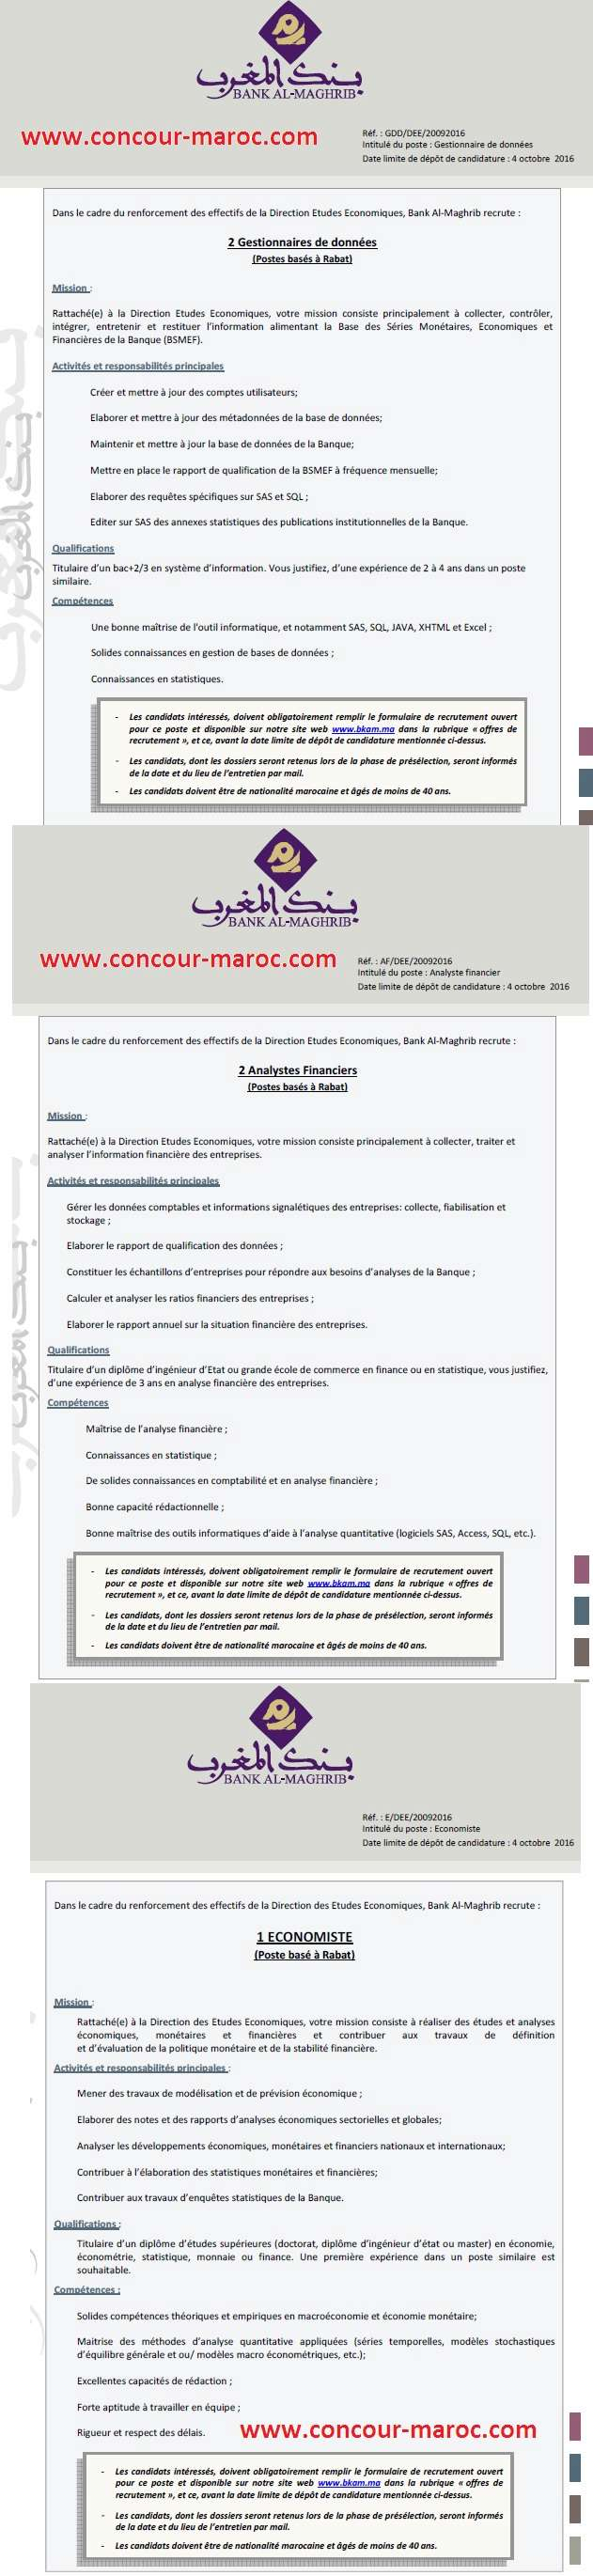 بنك المغرب : مباراة لتوظيف مكلف بتدبير المعطيات (2 منصبان) و محلل مالي (2 منصبان) و اقتصادي (1 منصب) آخر أجل لإيداع الترشيحات 4 اكتوبر 2016 Concou13